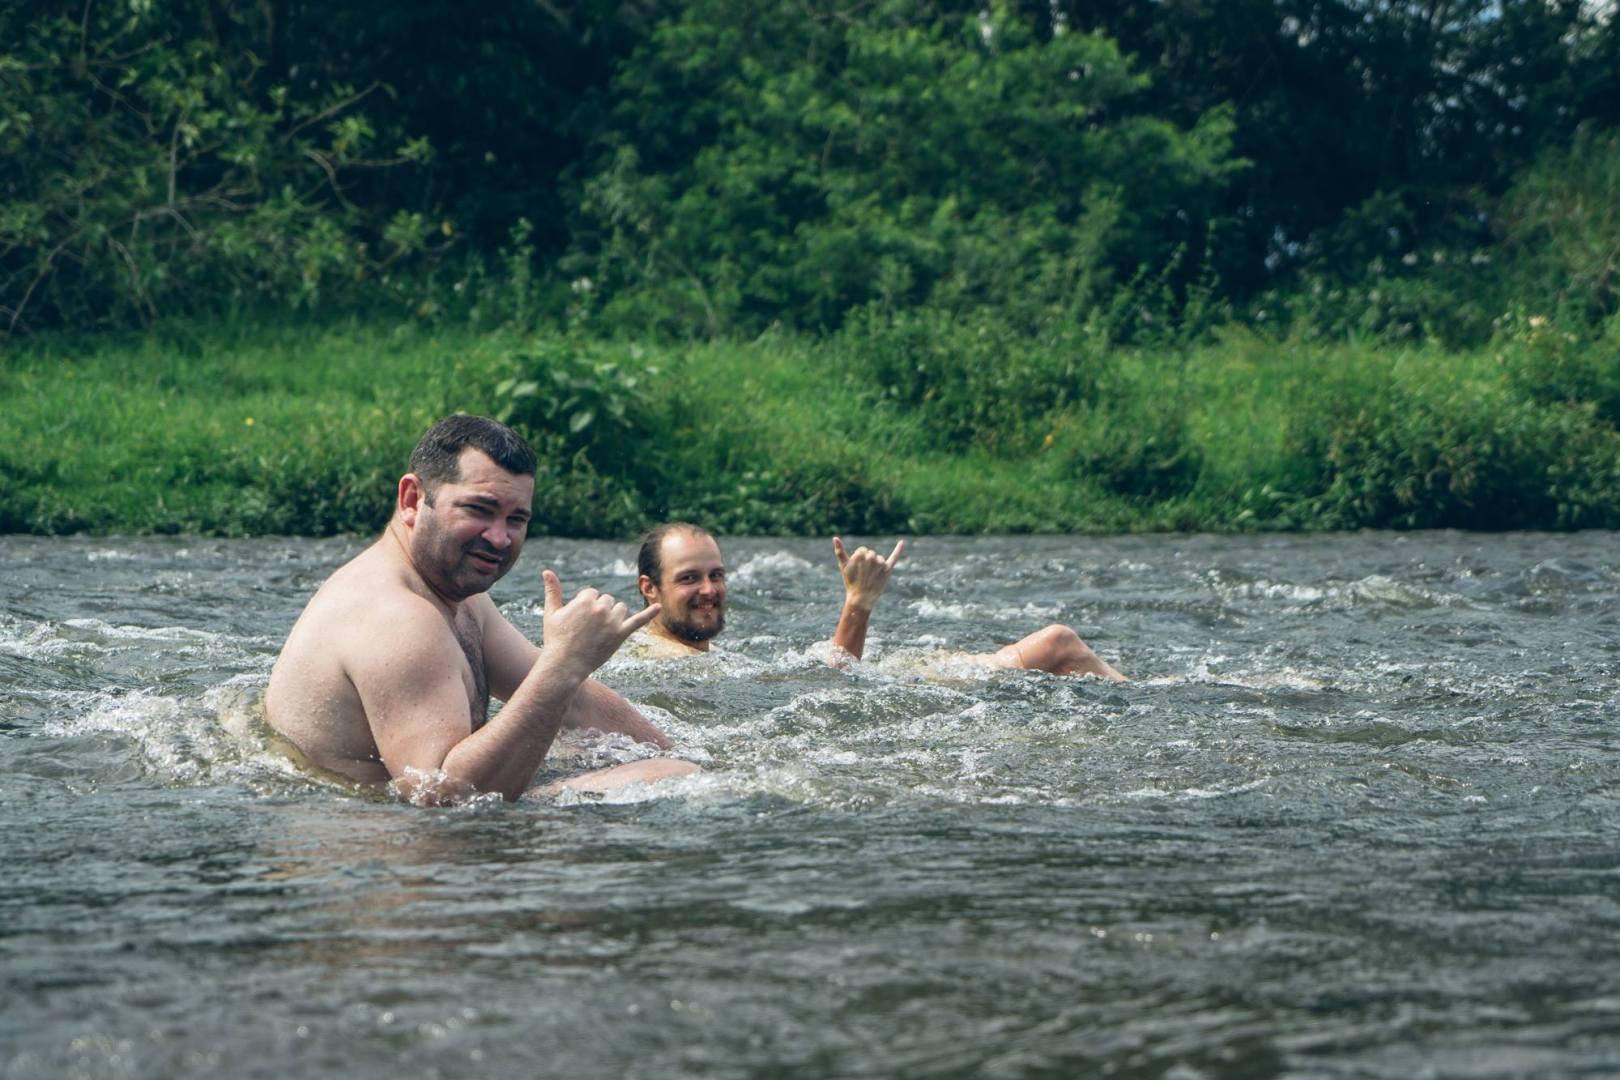 Il fait trop chaud donc baignade dans la rivière